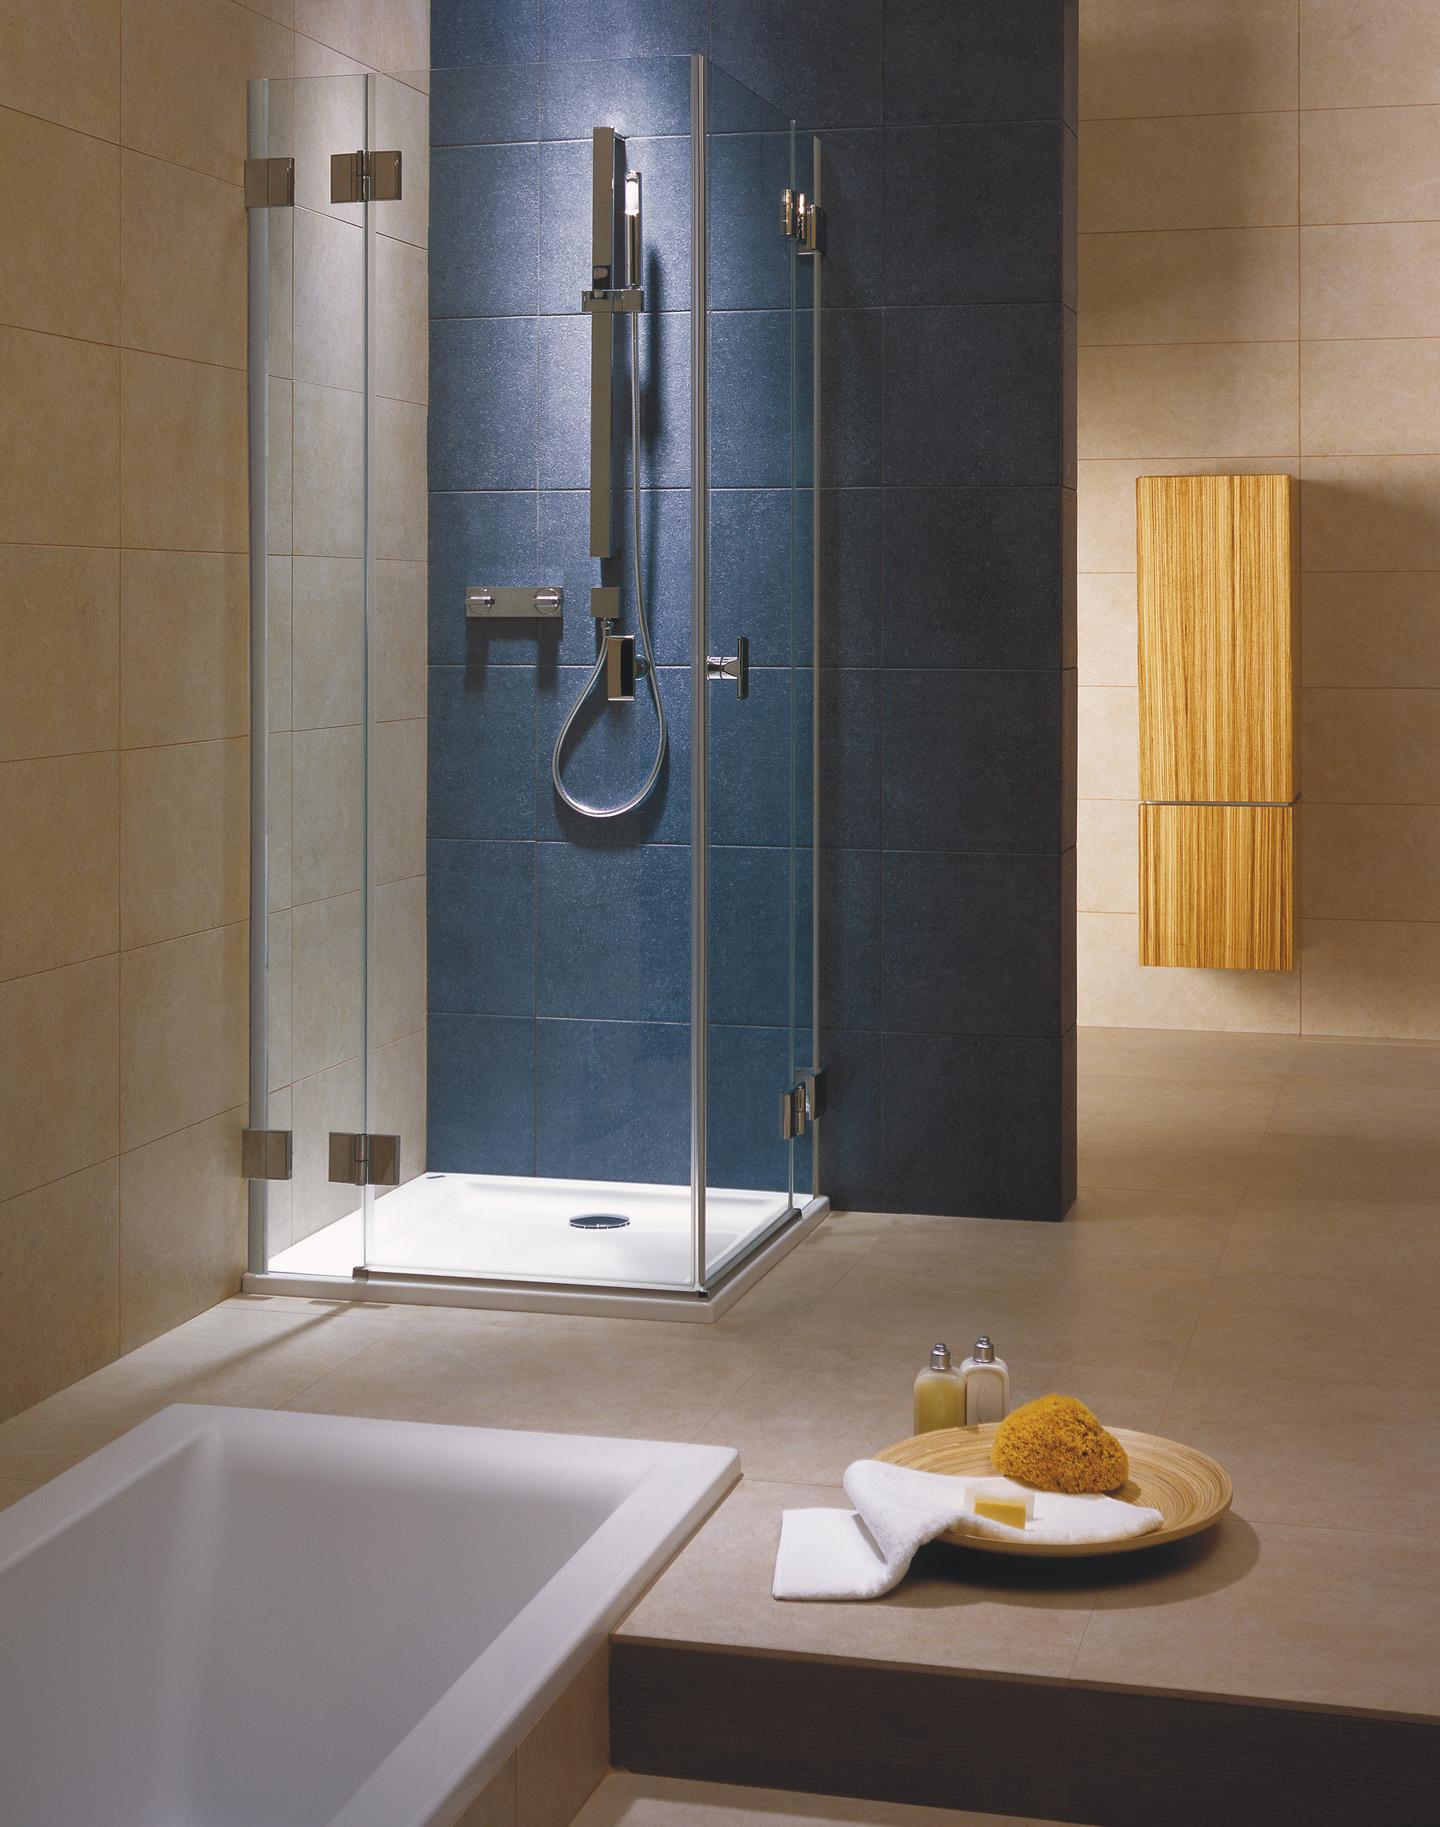 sprchové kouty KOLO NIVEN FKDF90222003 90x90 čtvercový kout